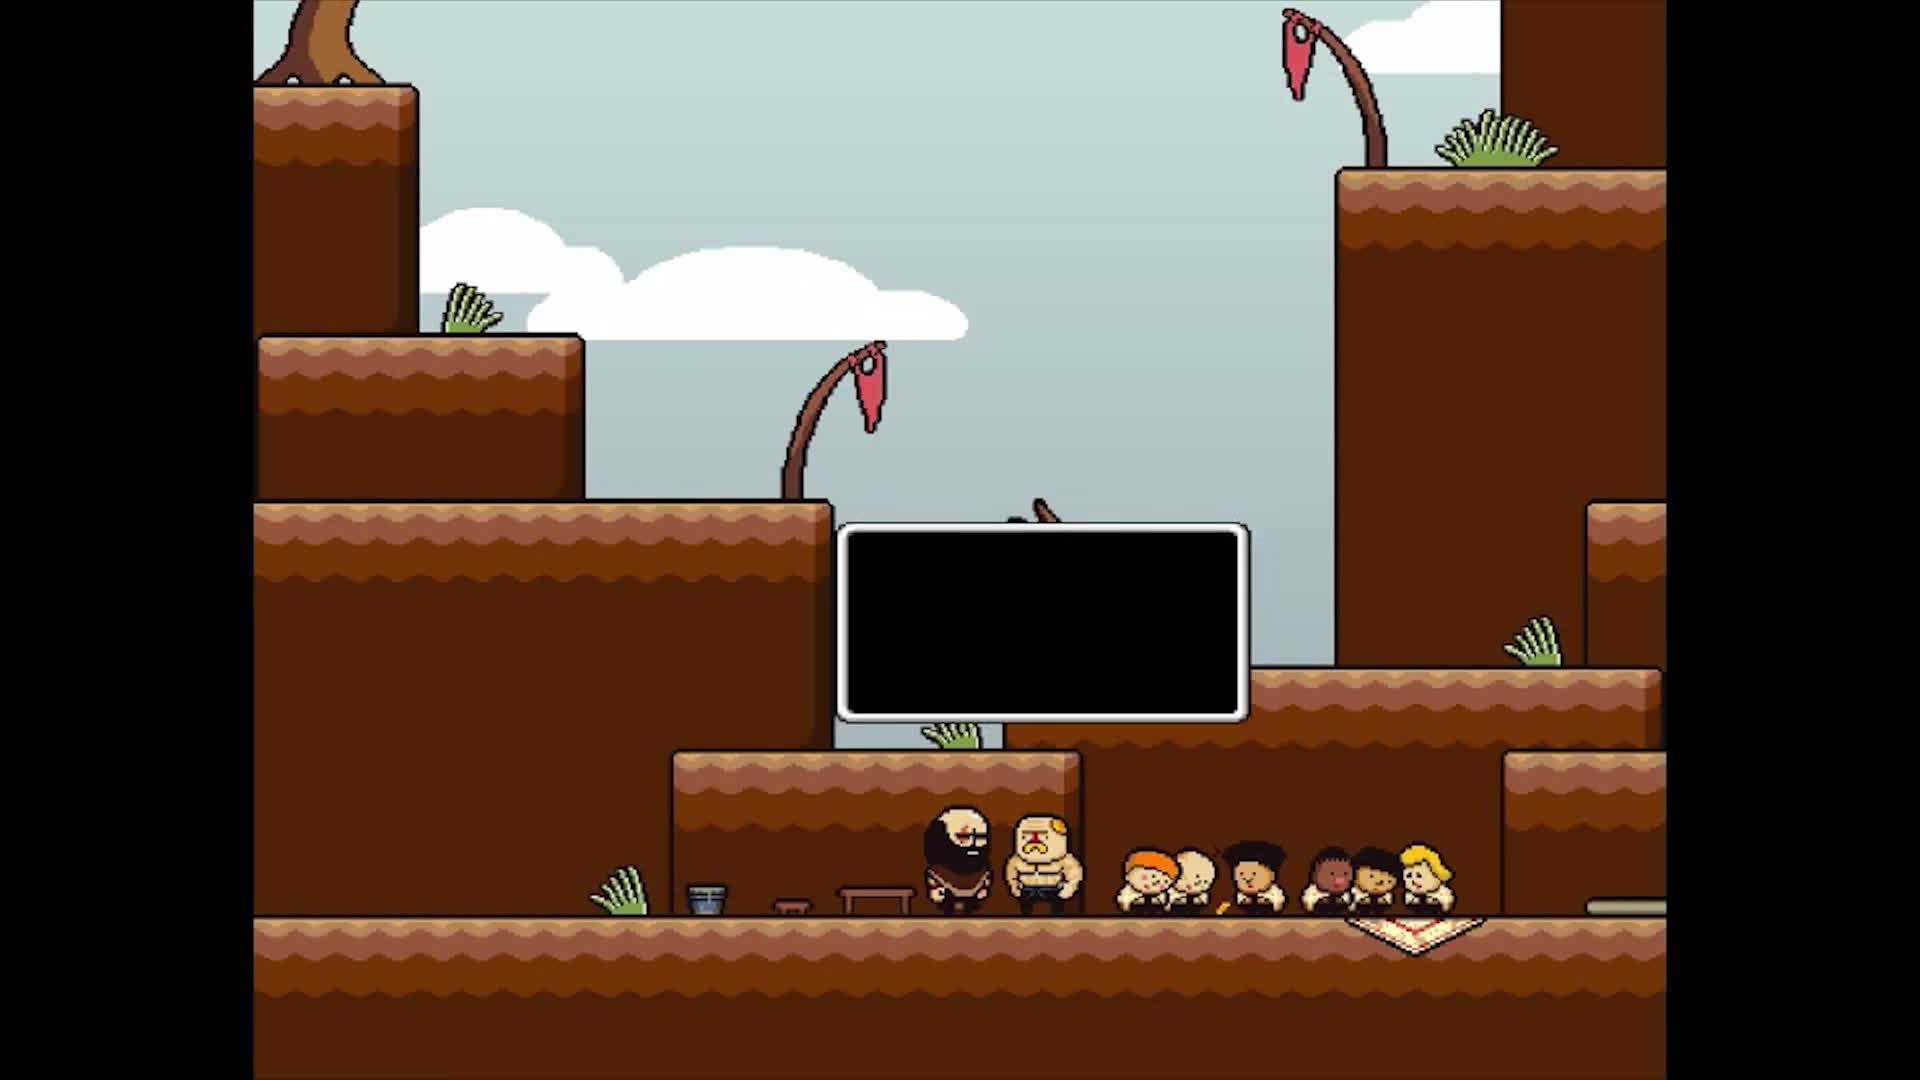 dunkey, lisa, videogamedunkey, LISA GIFs